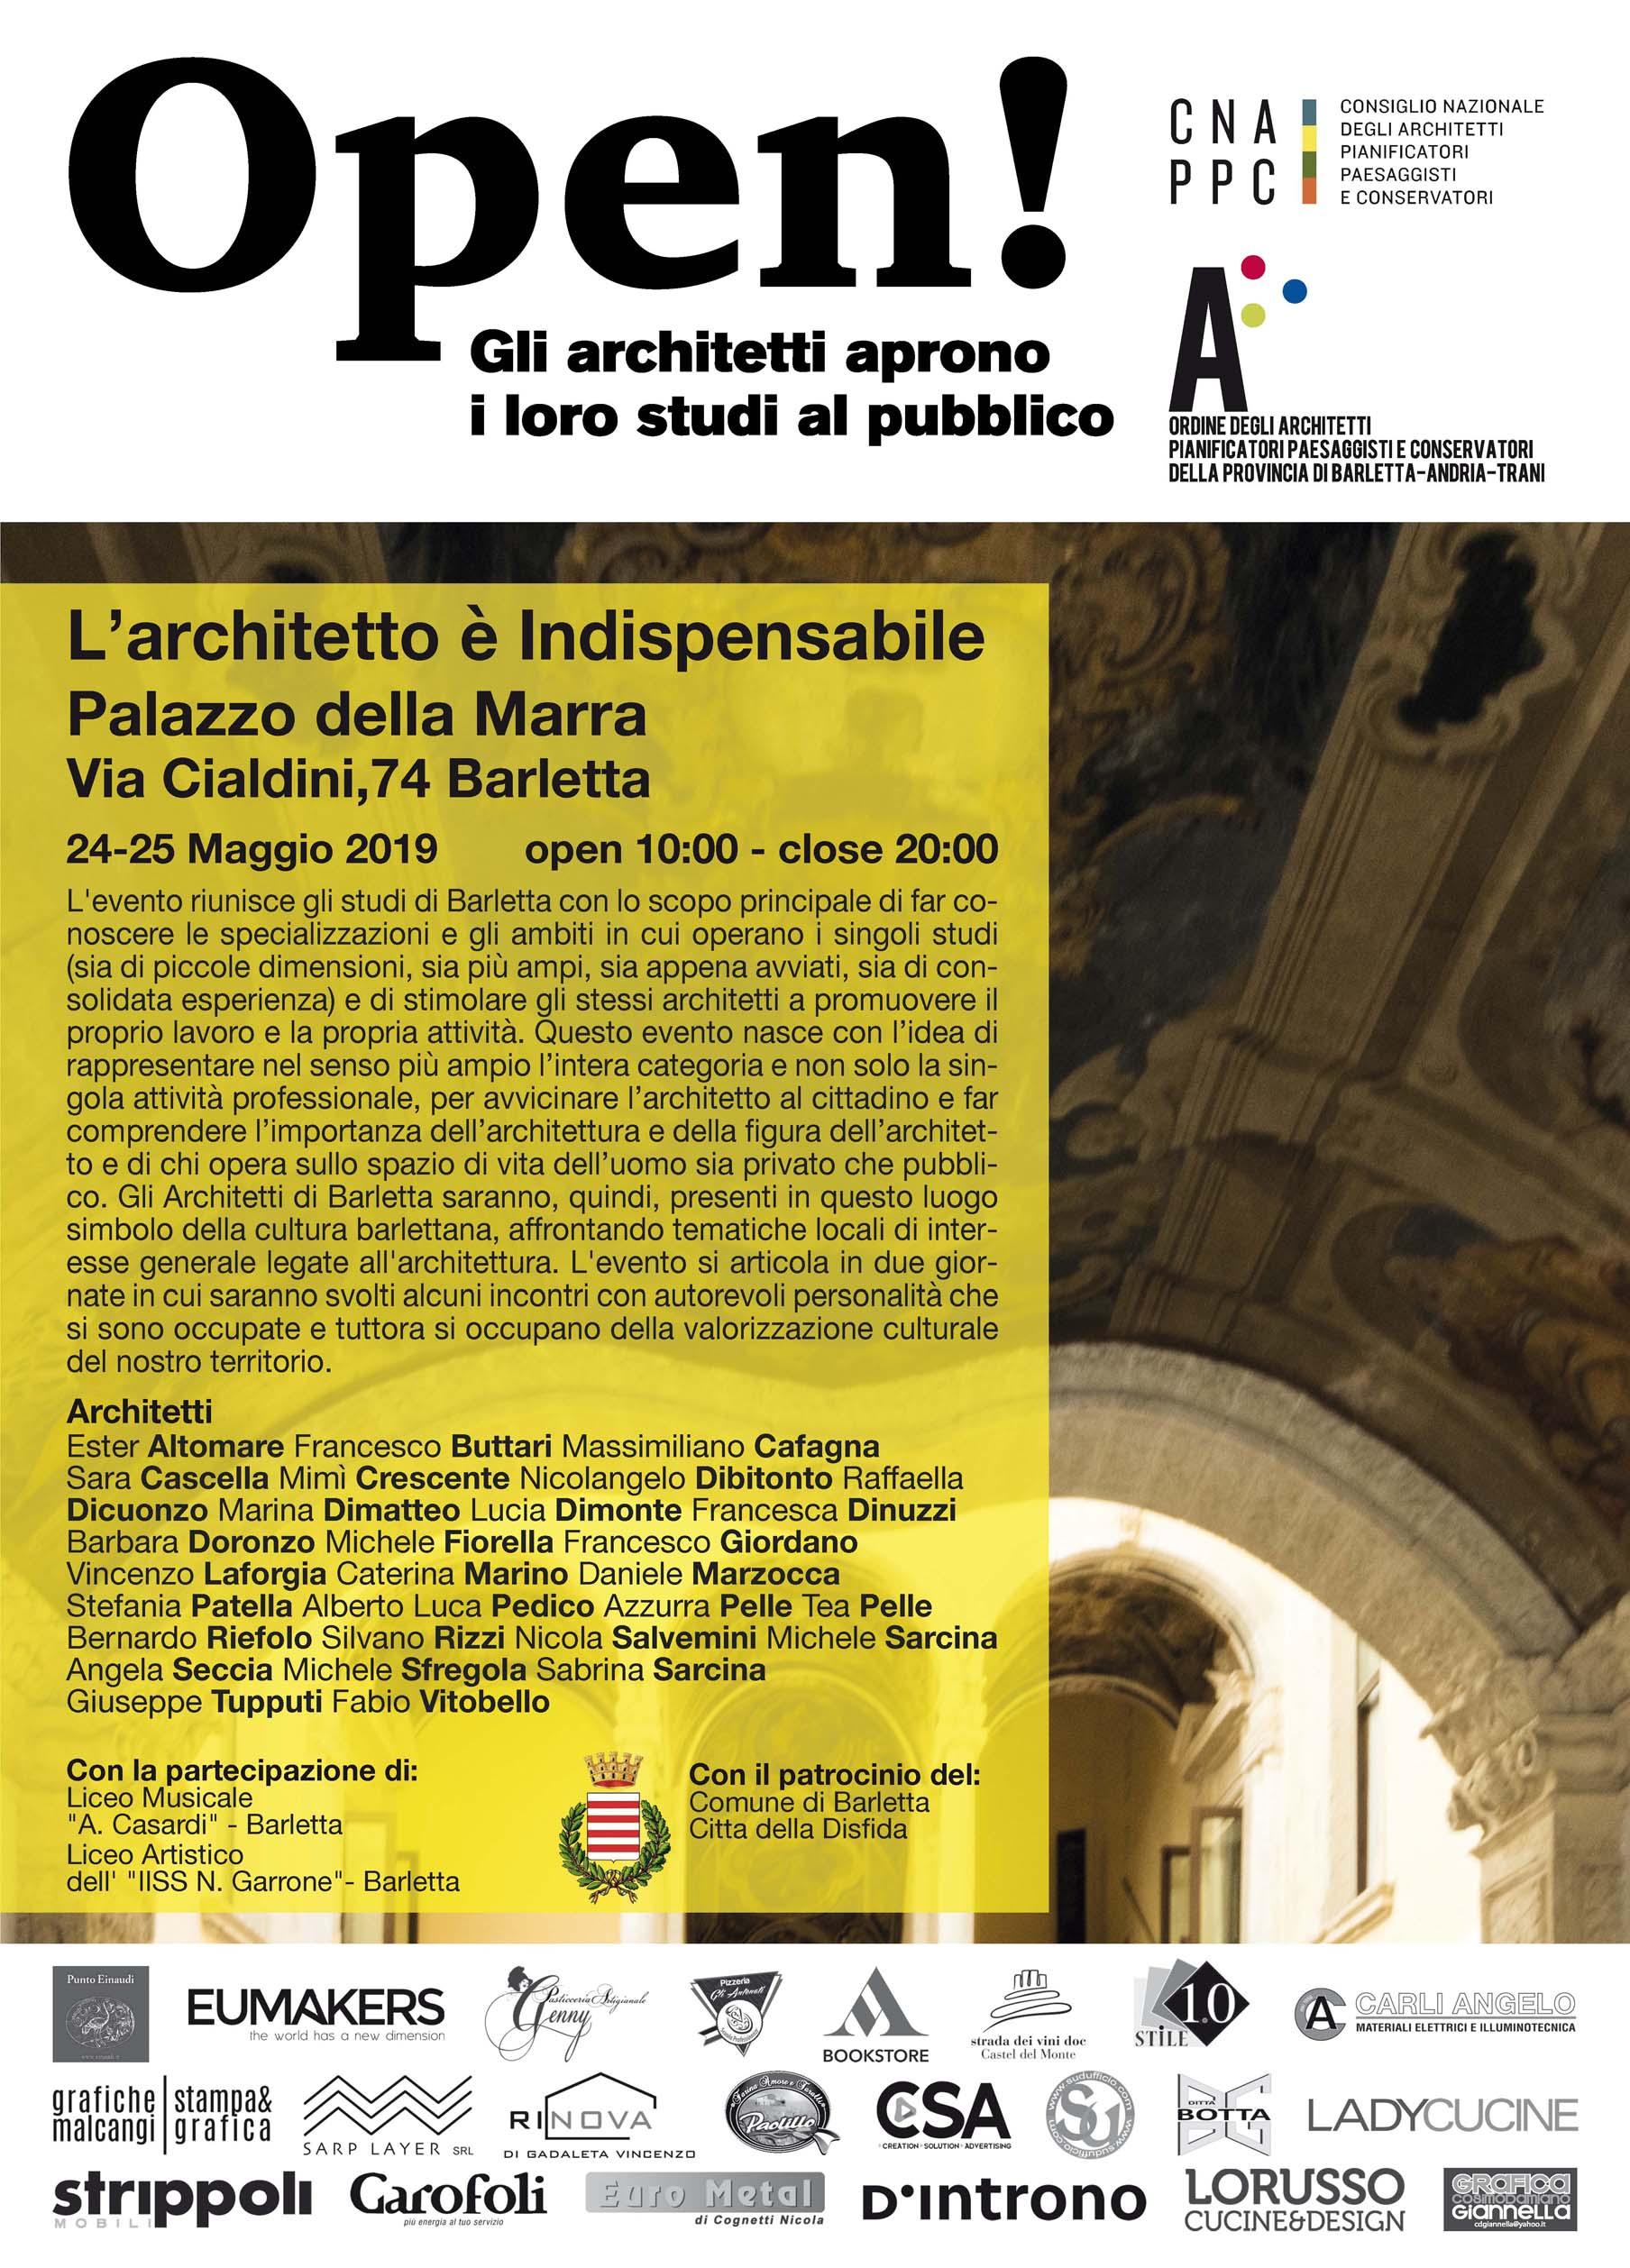 L'Architetto è indispensabile - incontri di architettura al Palazzo della Marra